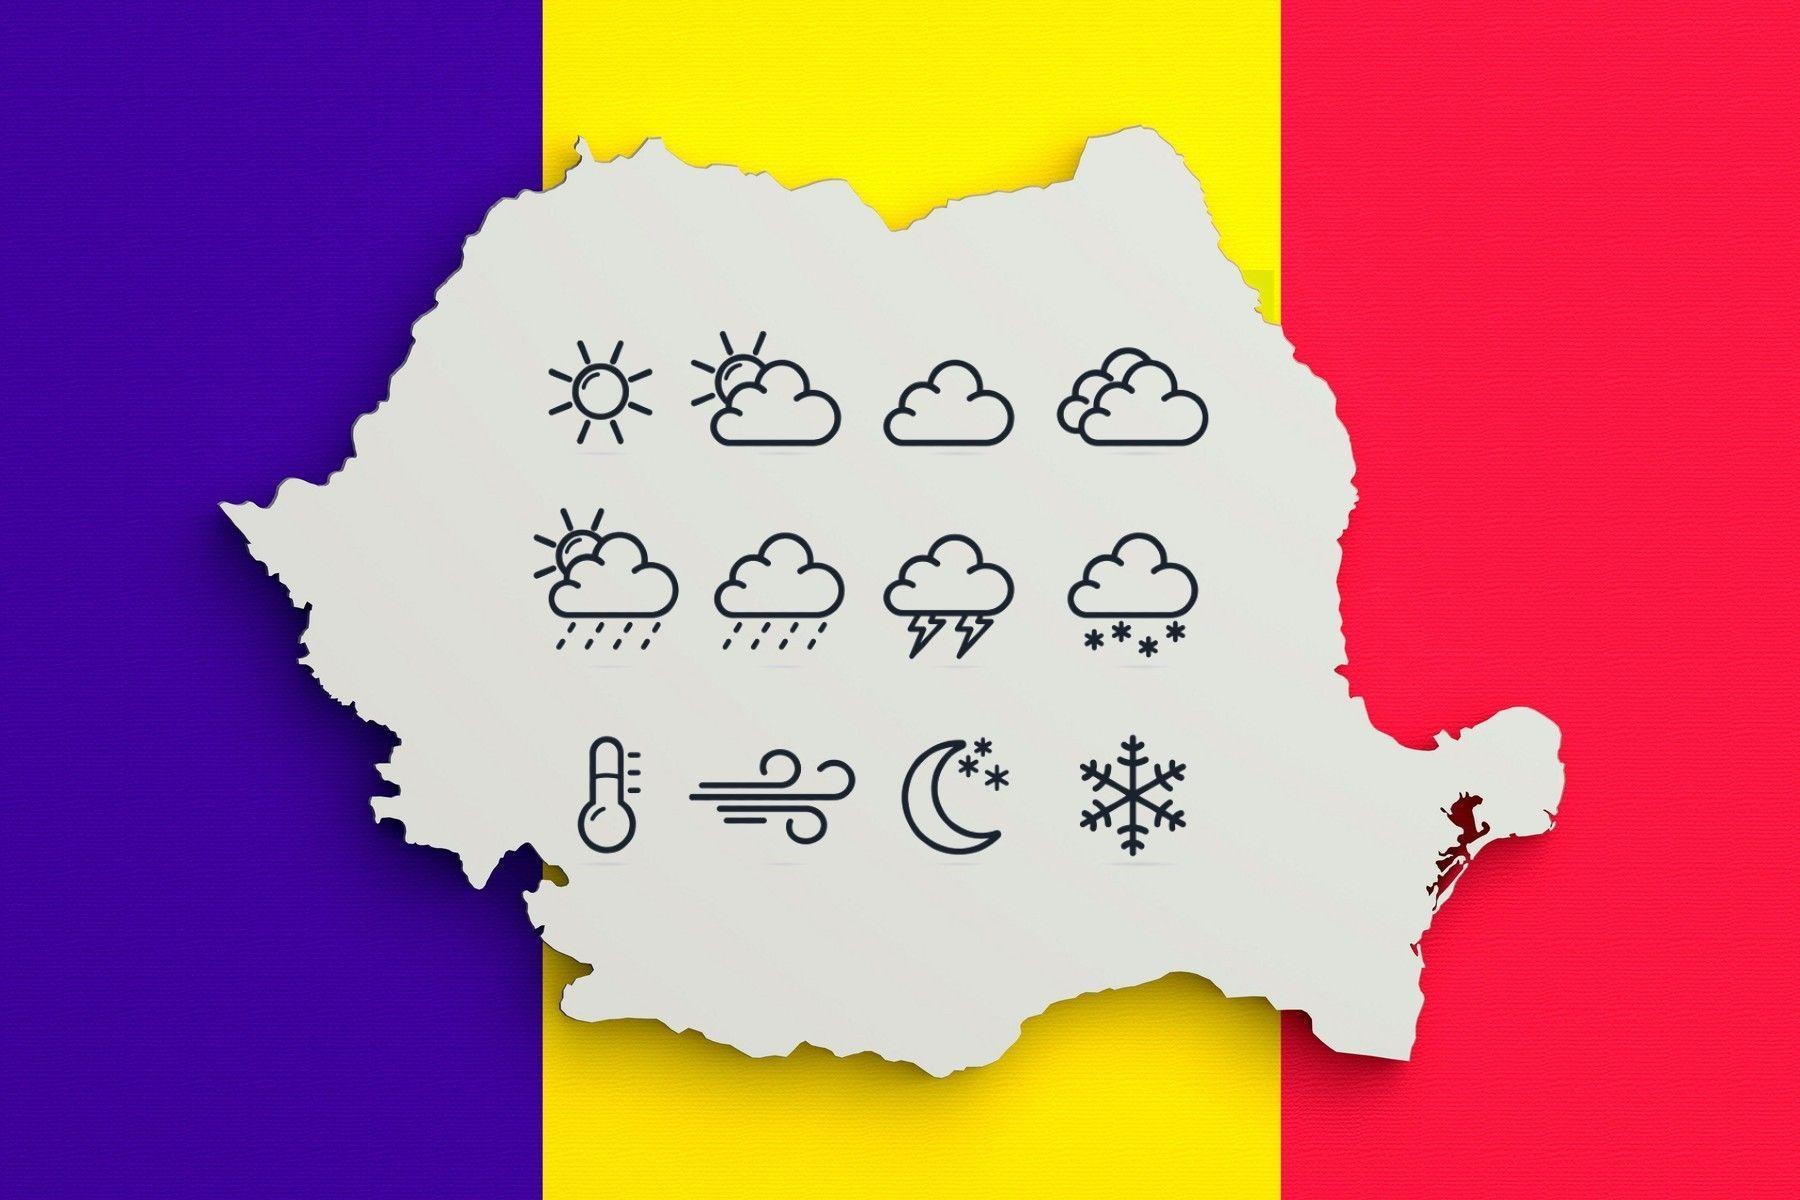 Prognoza meteo 27 septembrie 2021. Cum e vremea în România și care sunt previziunile ANM pentru astăzi